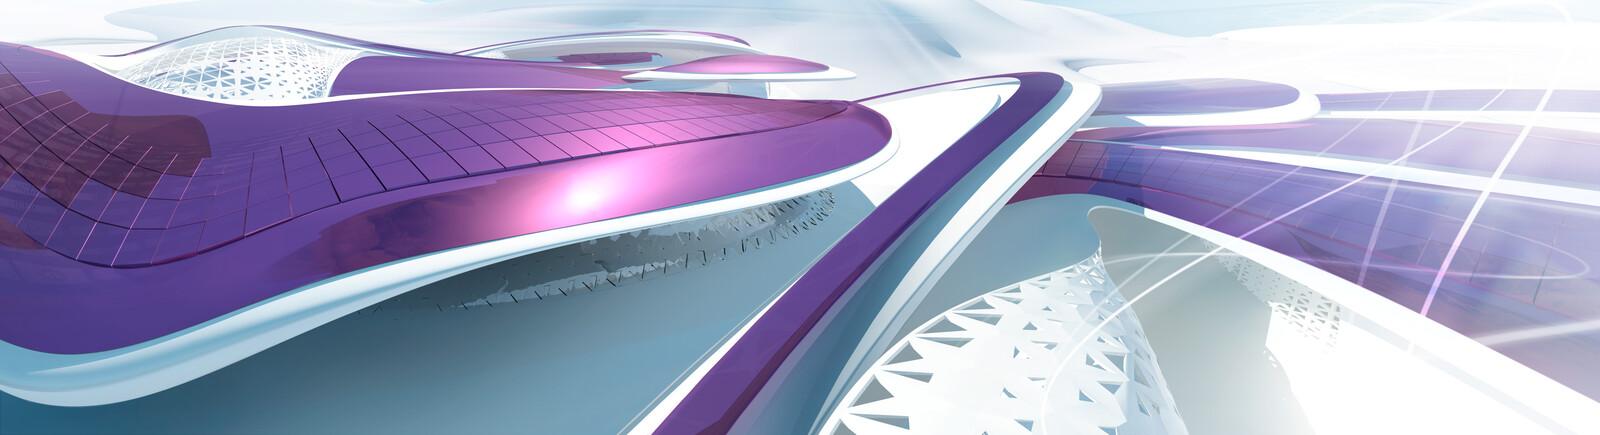 Bergen.01 (violet) - 3deluxe